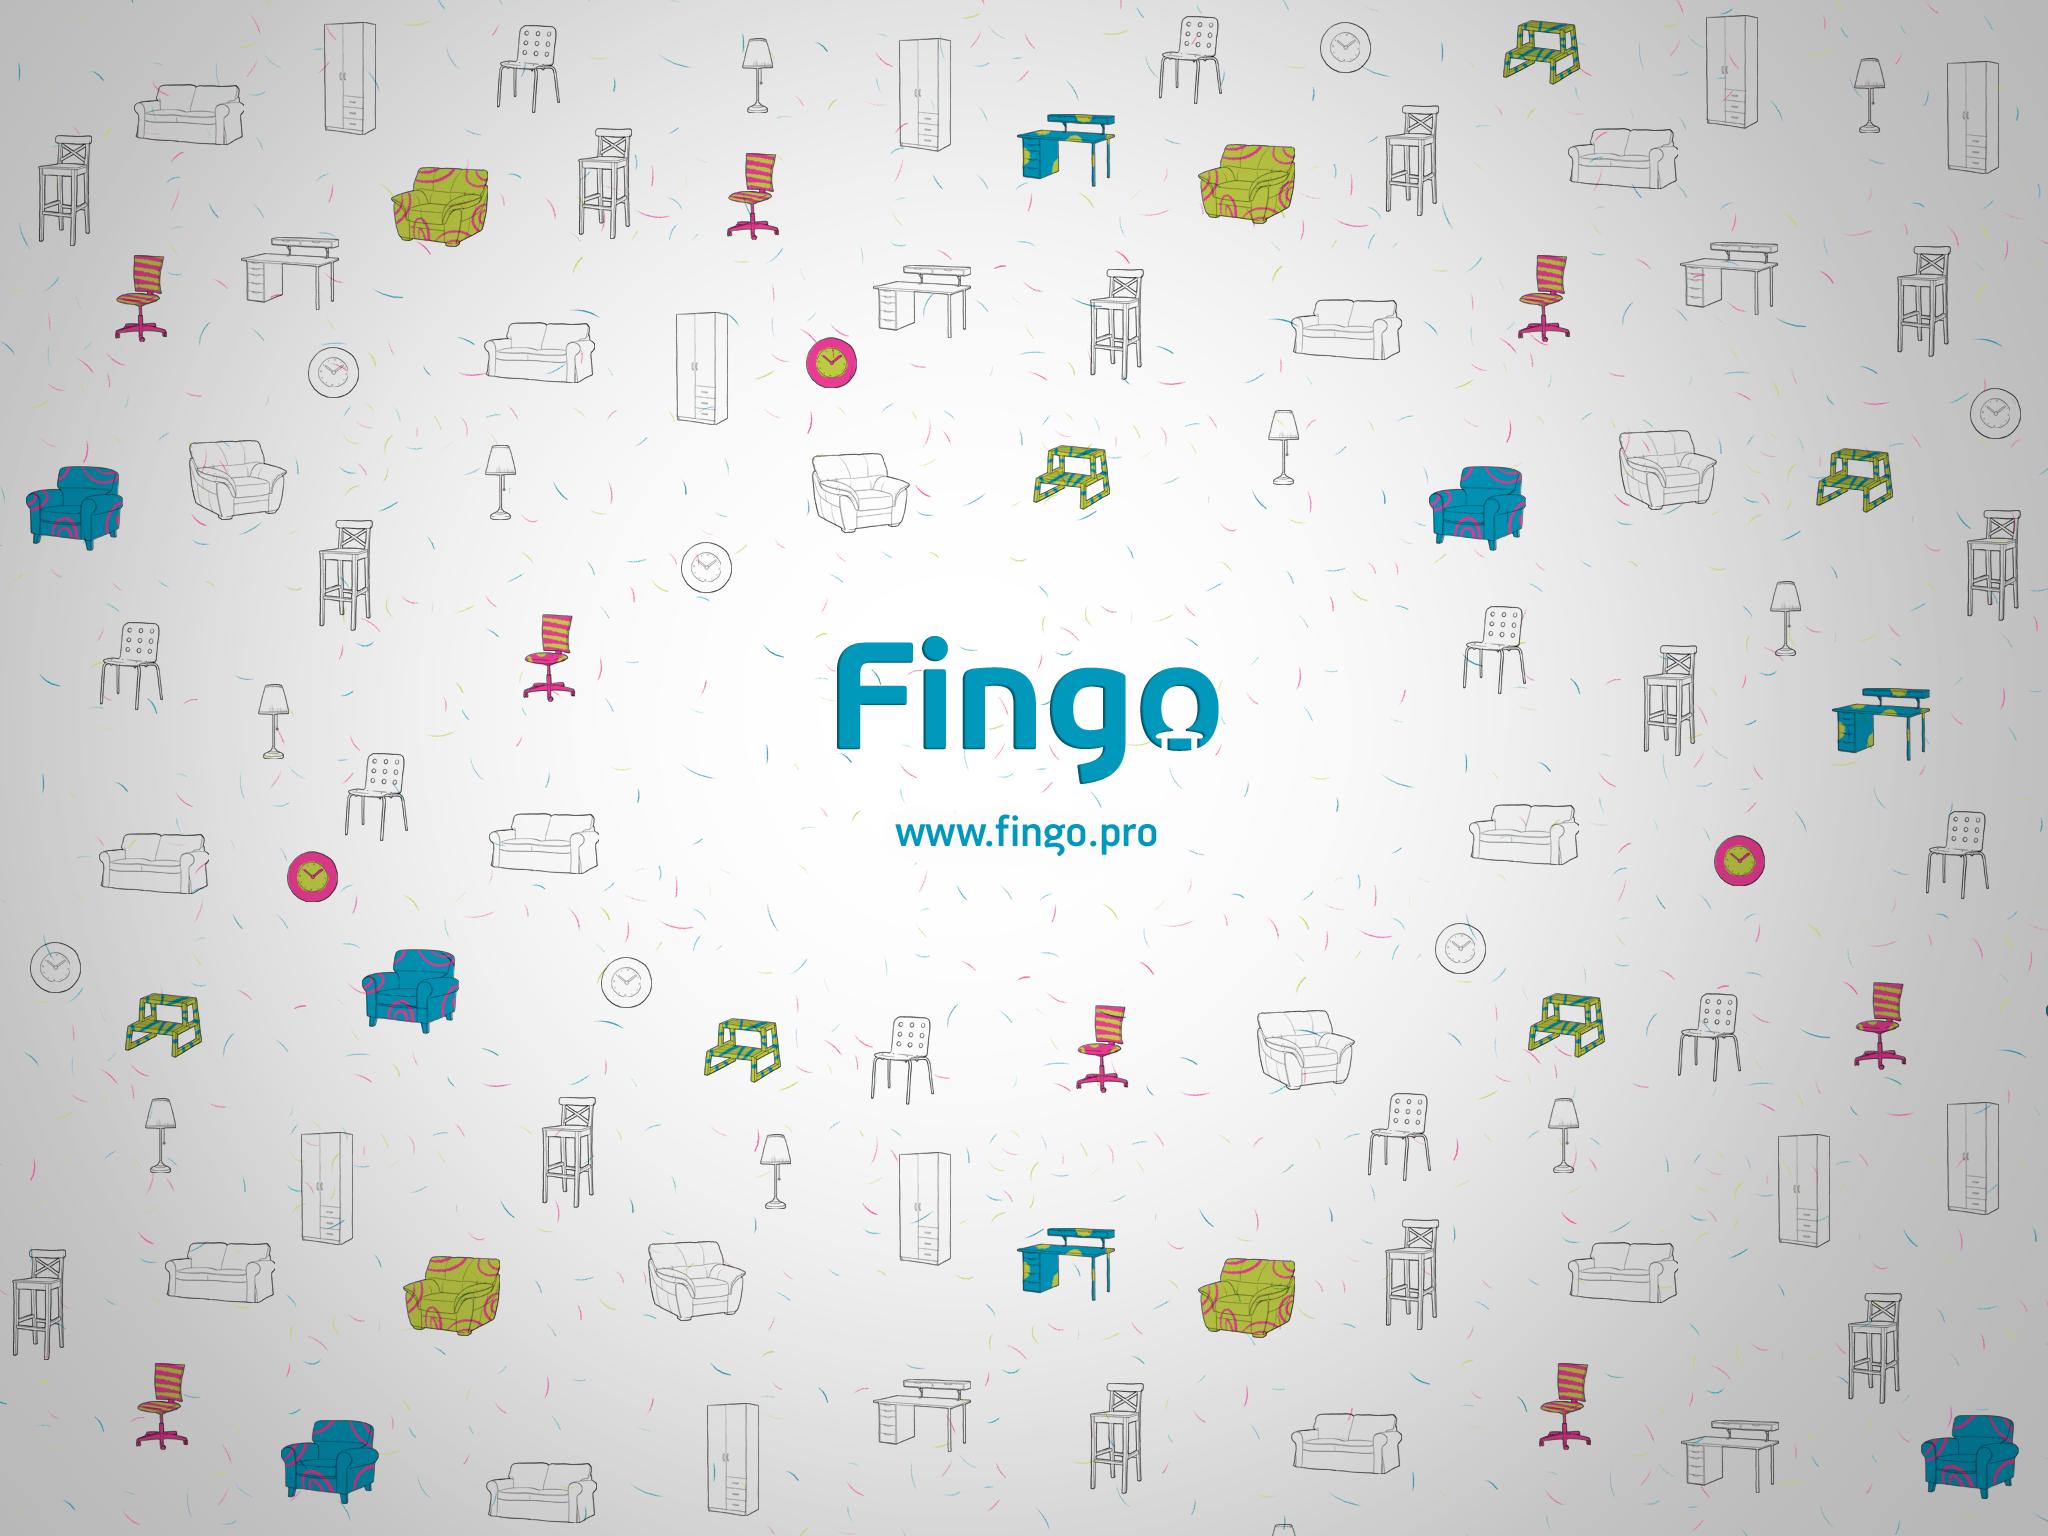 Приложение Fingo: как примерить мебель на ваш интерьер